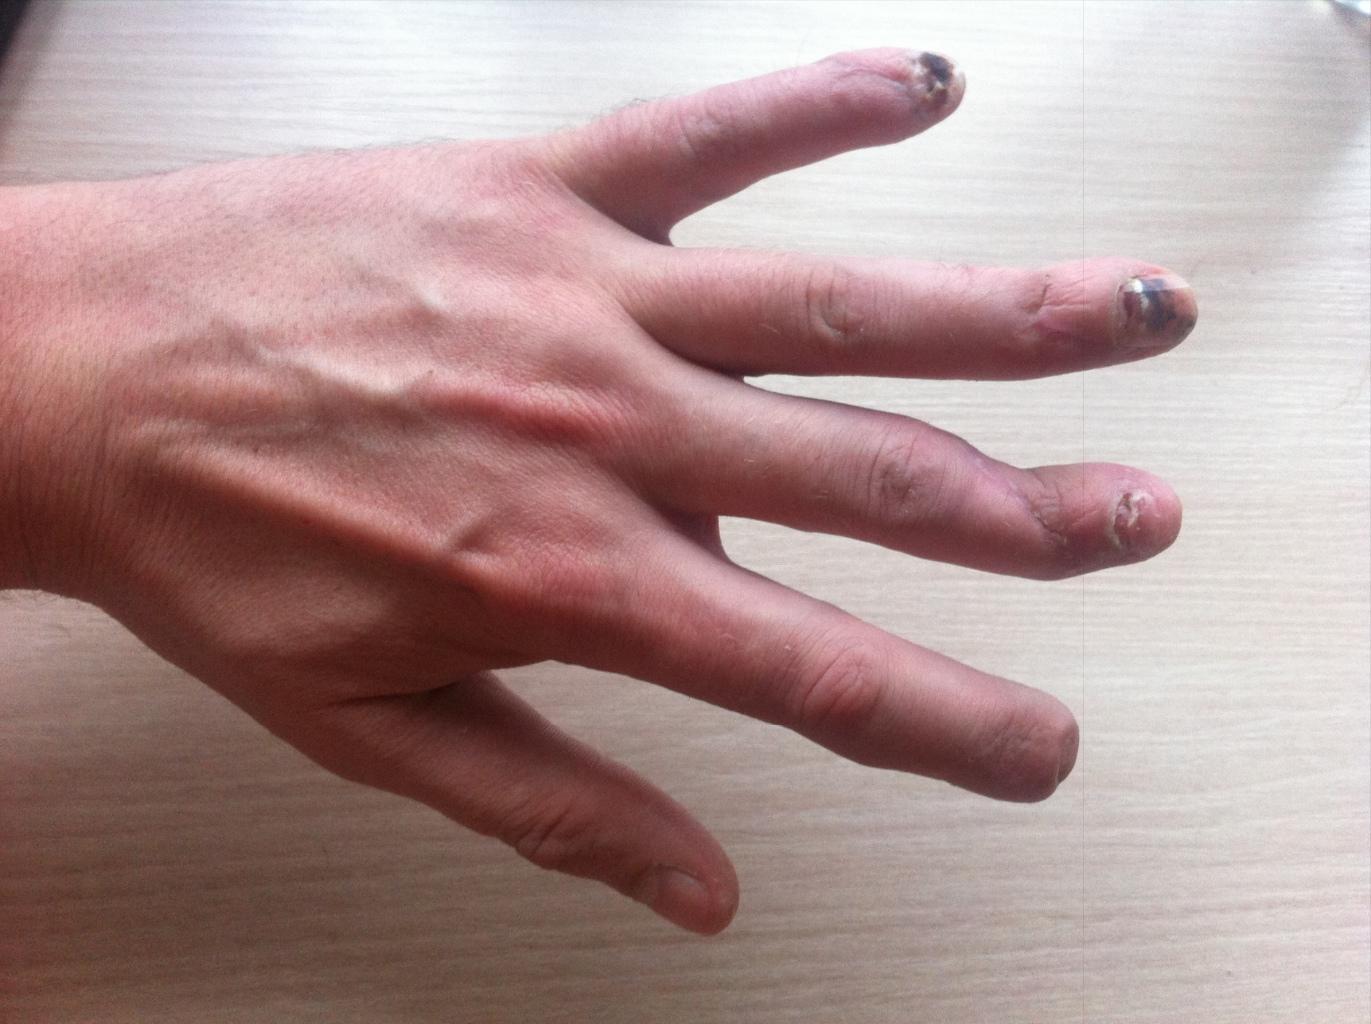 Симптомы перелома пальца руки оказание первой помощи и лечение